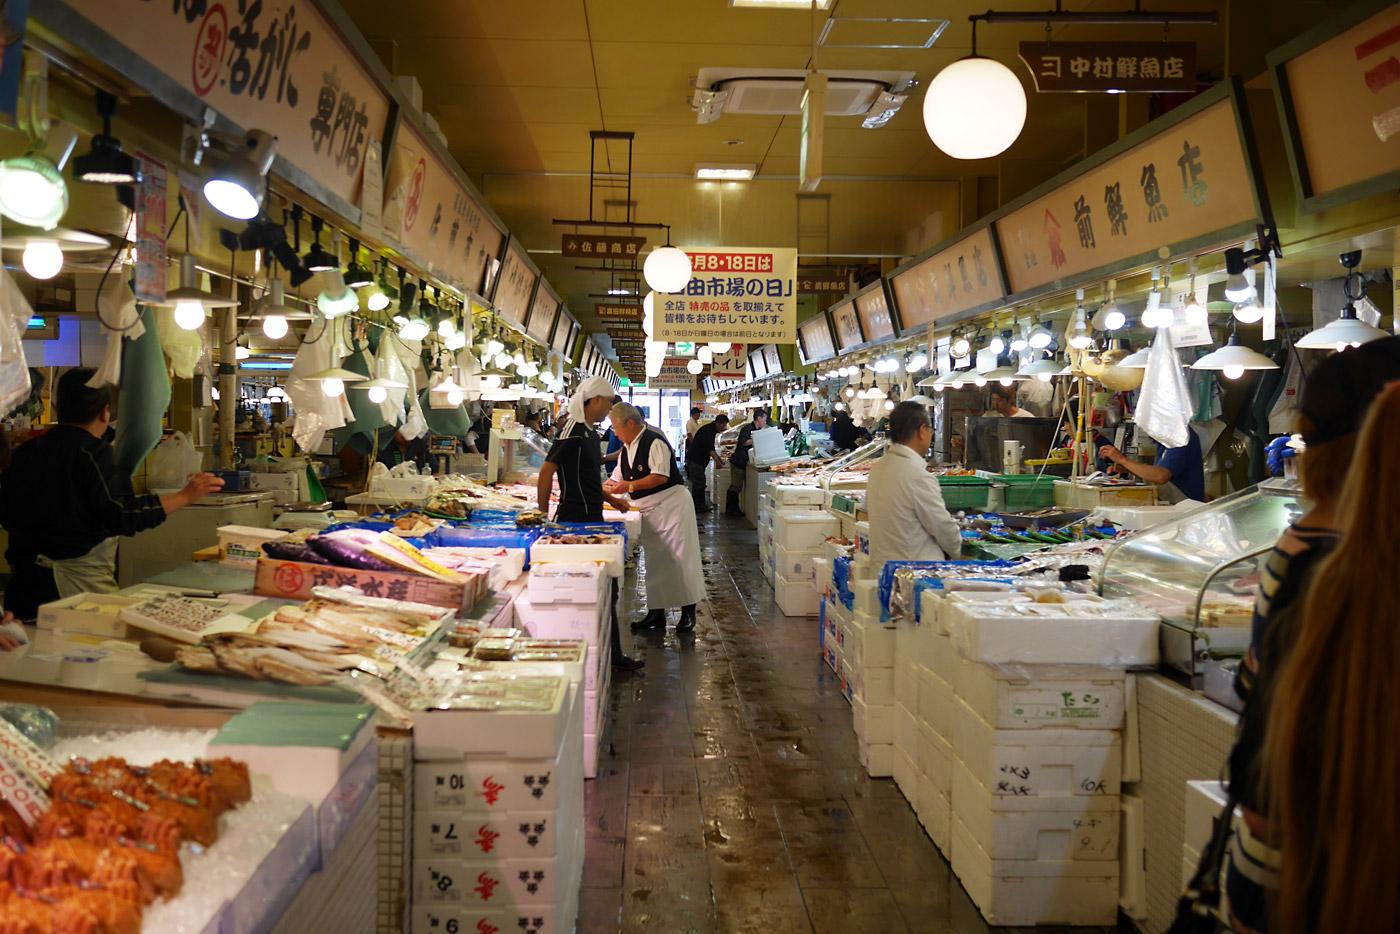 函館自由市場